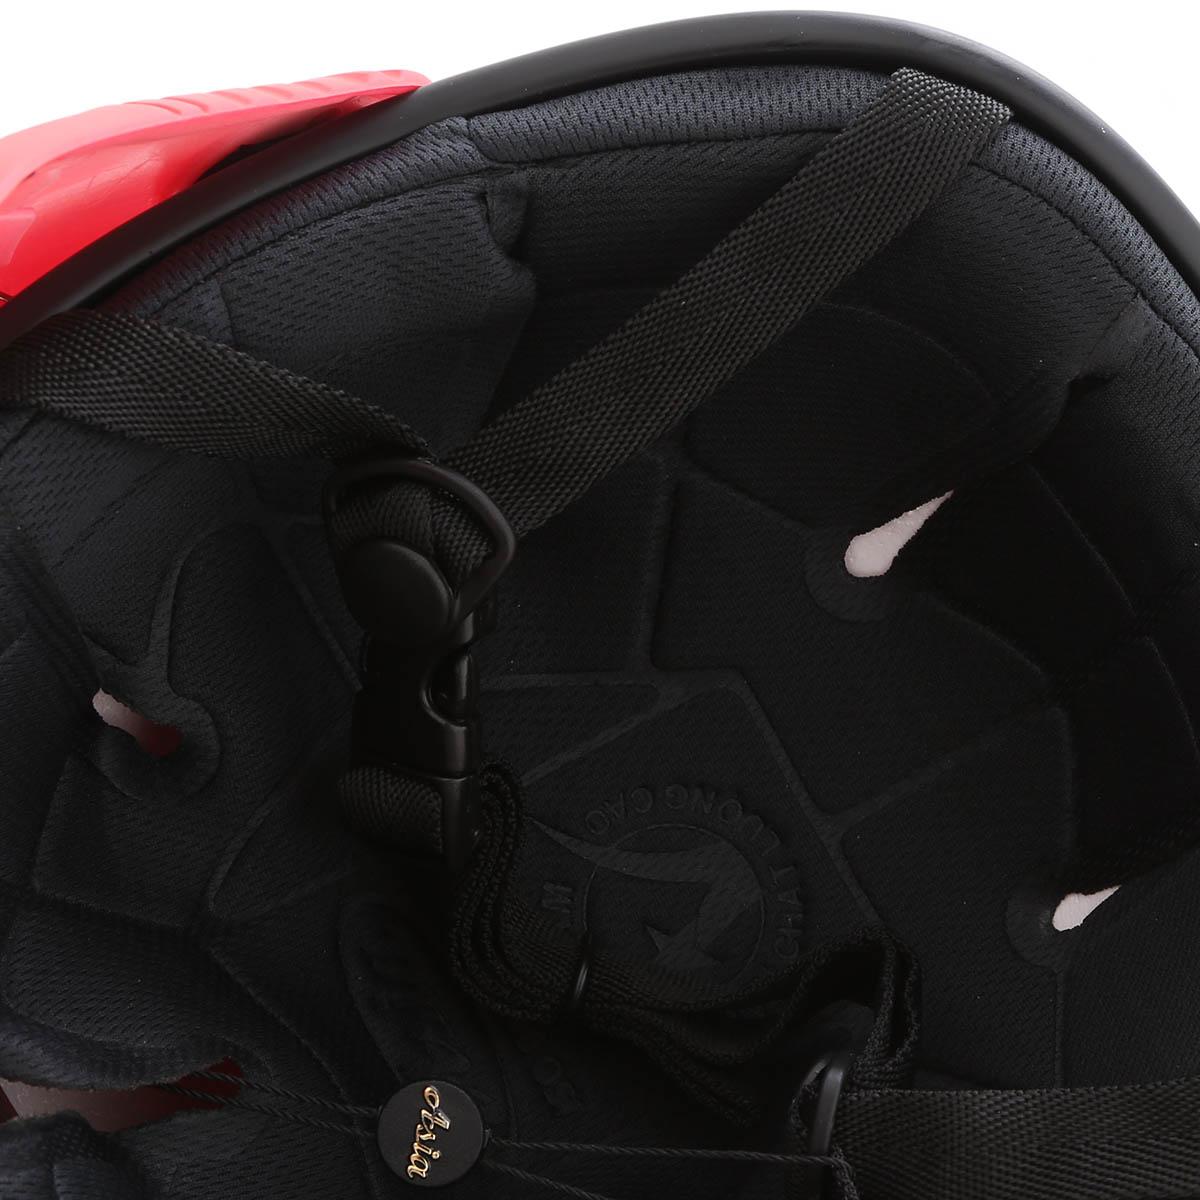 Hình ảnh Mũ Bảo Hiểm 1/2 Đầu Asia MT-105K -